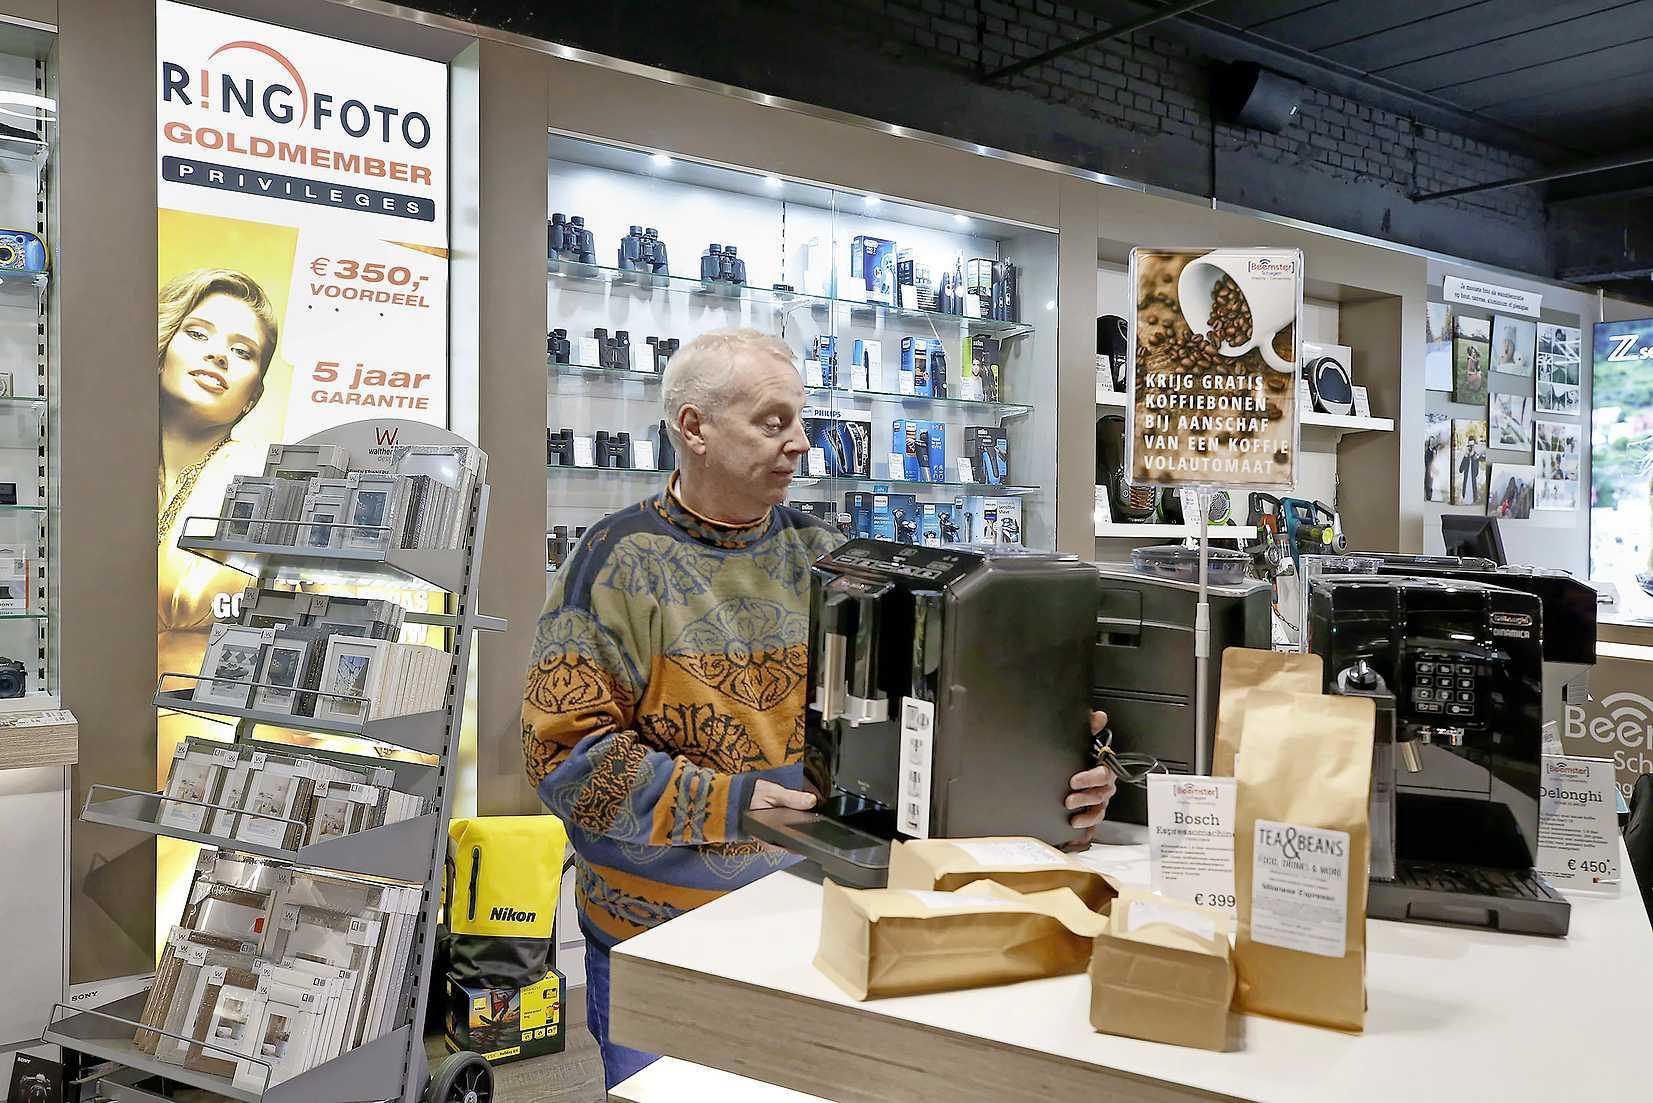 Versoepelingen: klant kan vanaf 10 februari bestelling afhalen, maar winkeliers zijn niet enthousiast. 'We schieten hier weinig mee op'